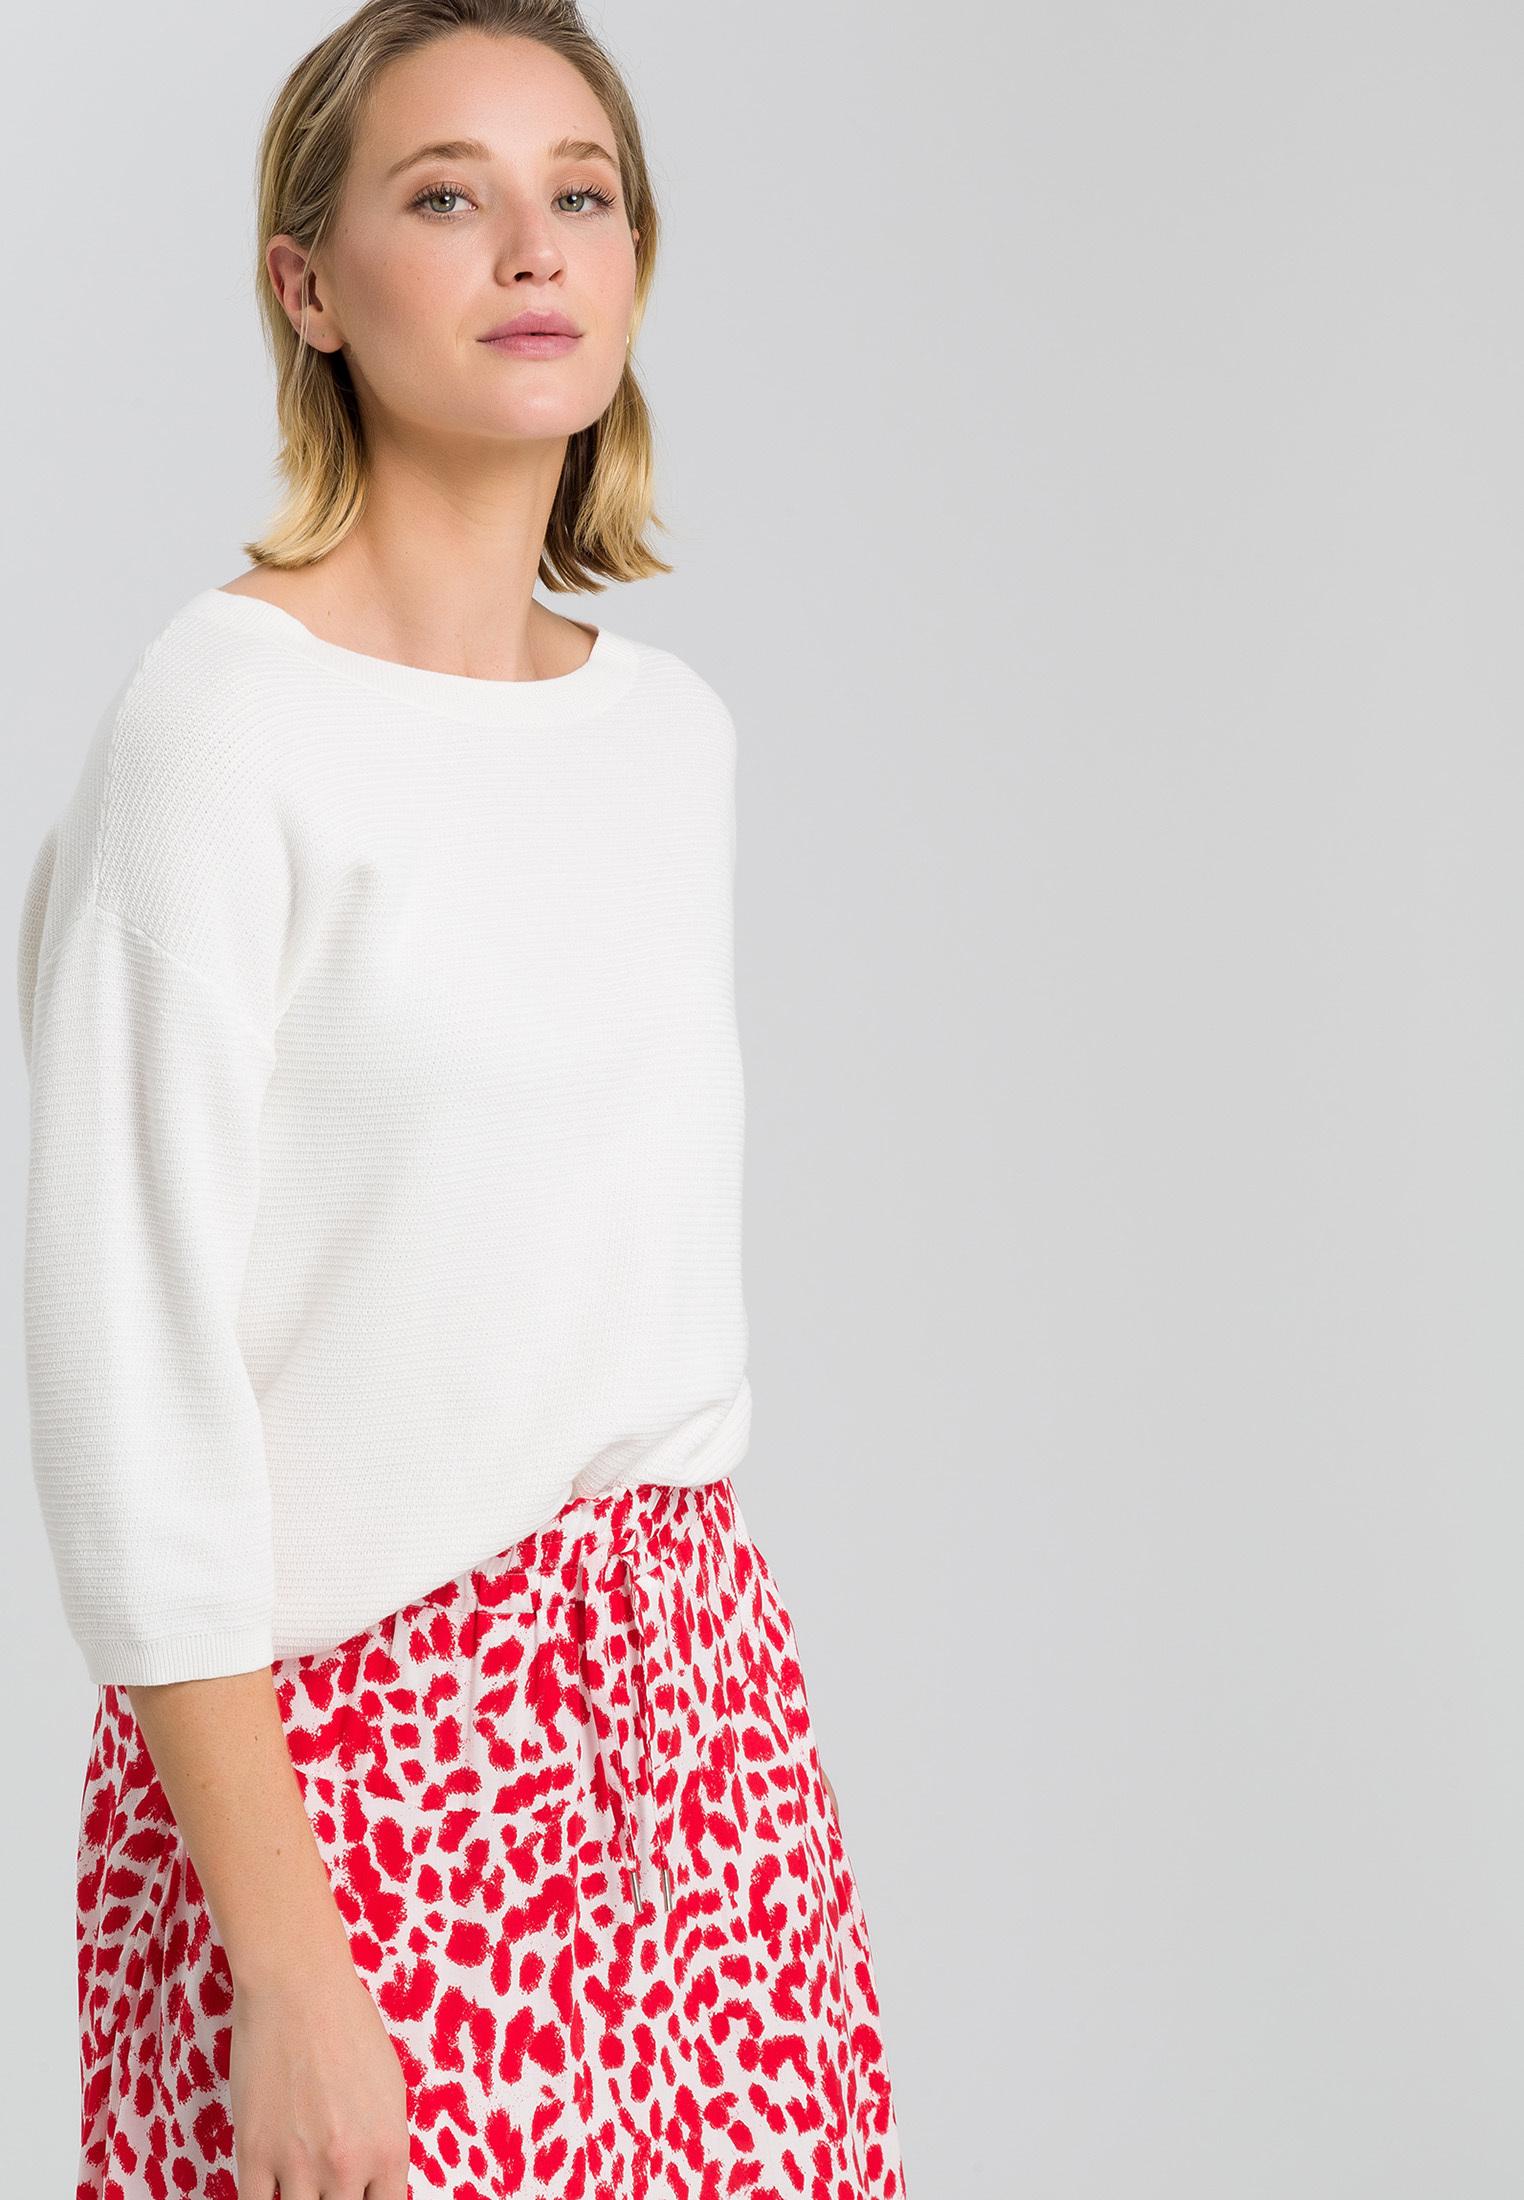 Artikel klicken und genauer betrachten! - Strick in coolem Cut. Der leichte Pullover kommt ganz schlicht daher, macht dann aber schnell seine außergewöhnlichen Features klar: die Boxy-Passform ist wunderbar figurumspielend, die Schultern fallen lässig überschnitten und die Ärmel enden auf 3/4-Länge. In griffig feinem Strukturstrick wird er so zum vielseitigen Kombinationsprofi mit Understatement. | im Online Shop kaufen